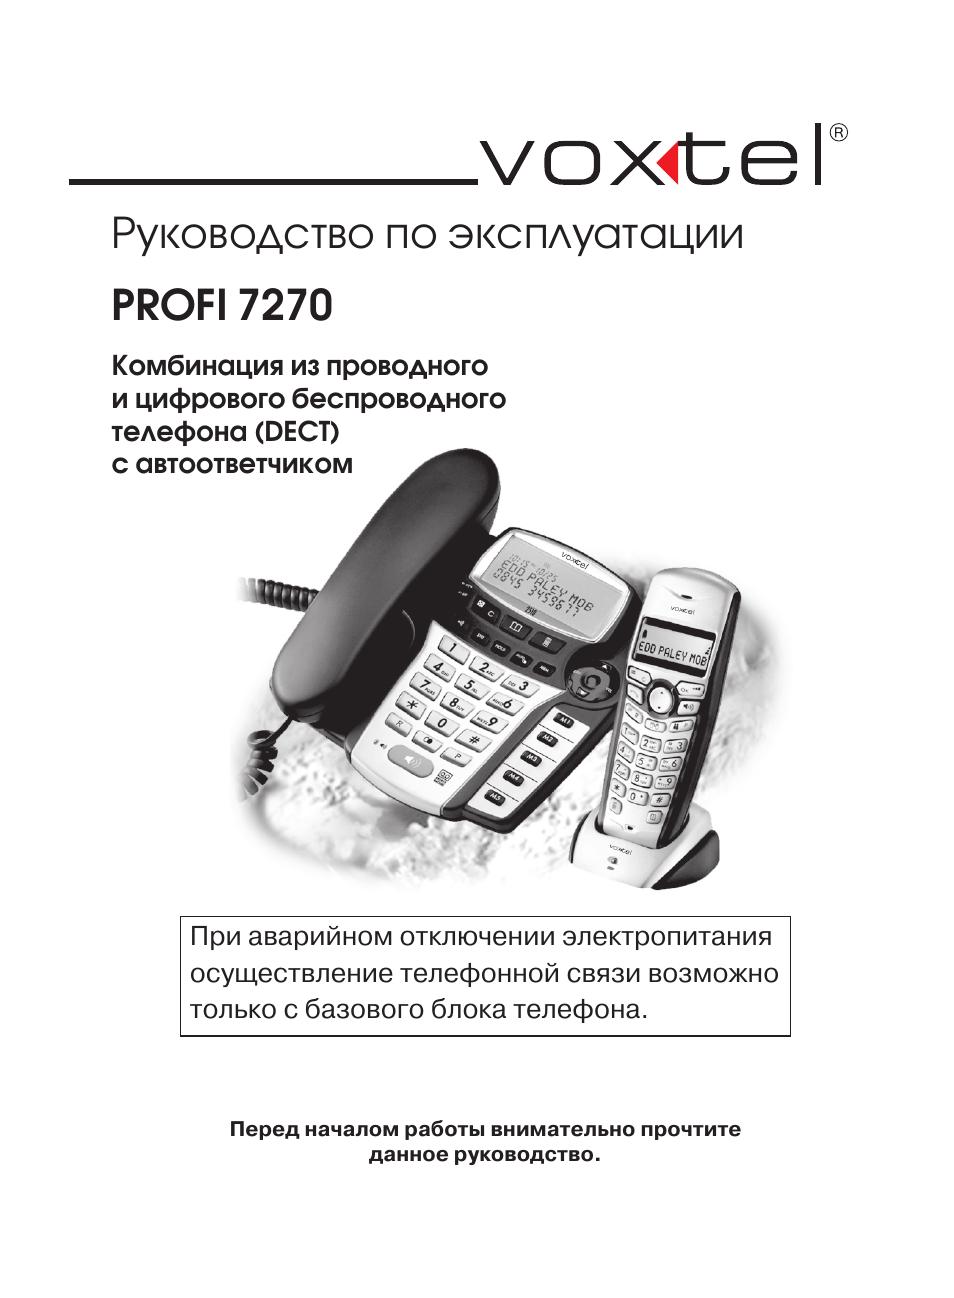 Инструкция voxtel profi 7270